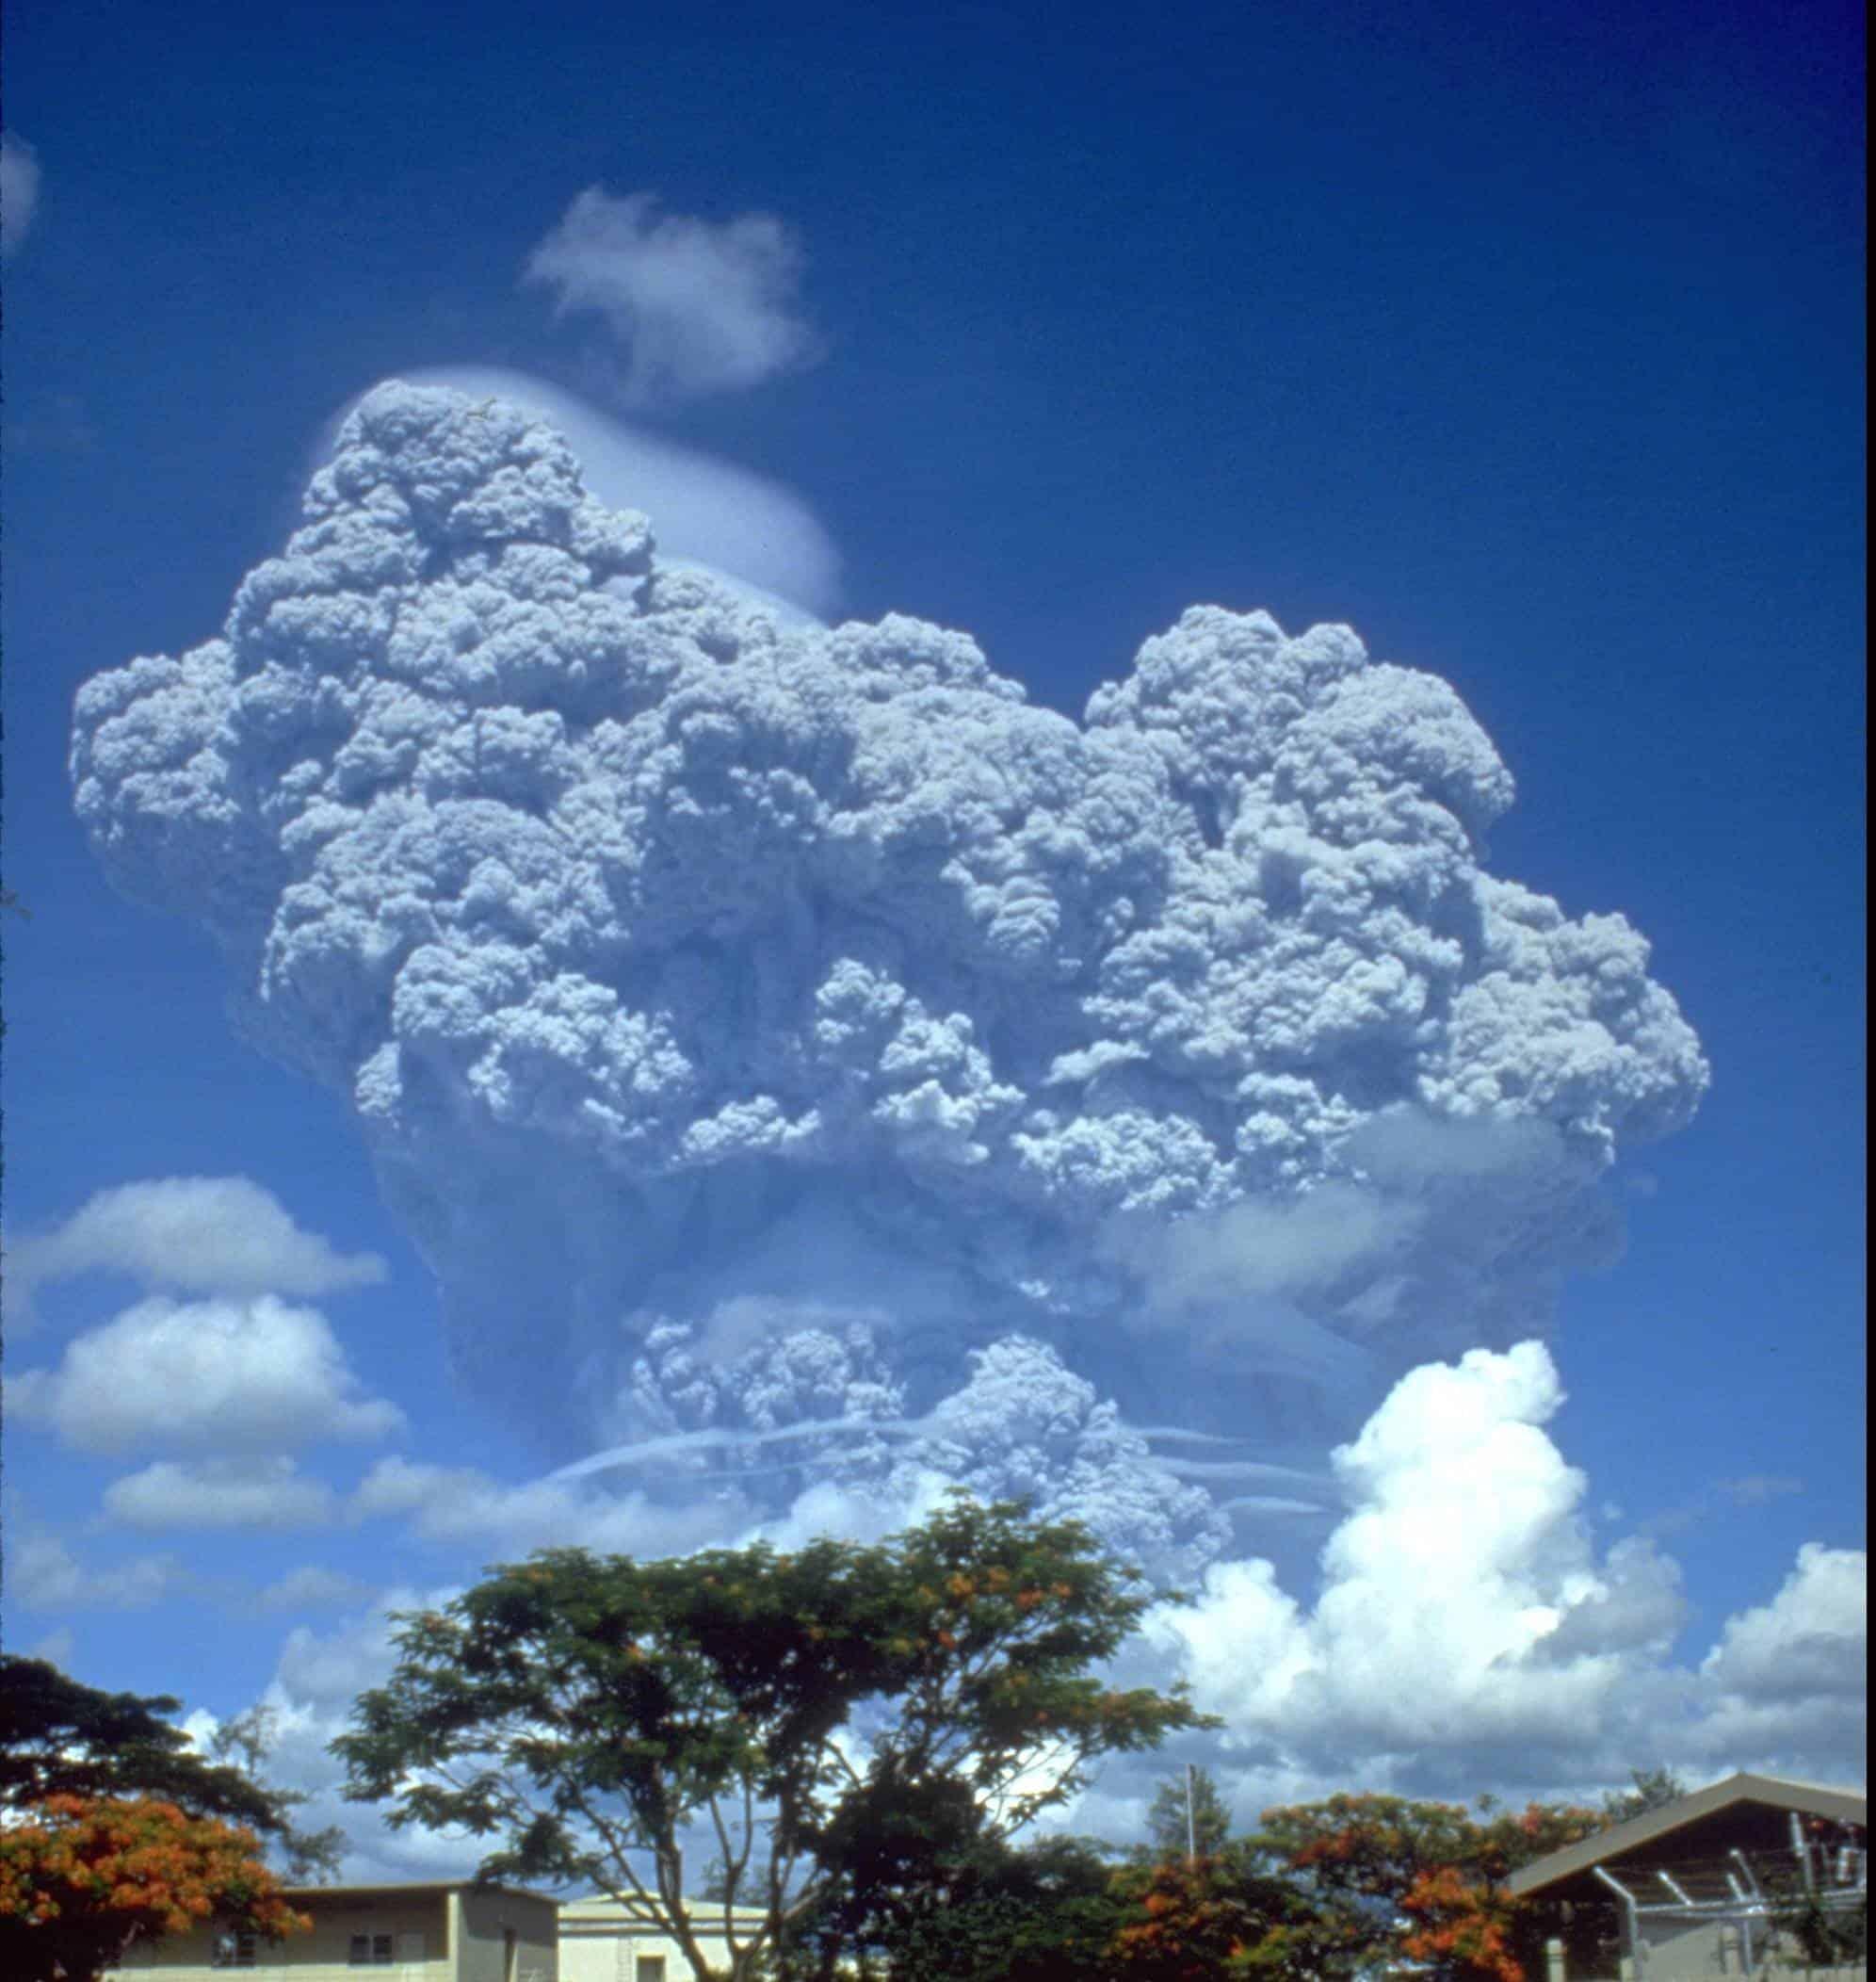 هل يمكن أن تُحلّ مشكلة الاحترار العالمي عن طريق الانفجارات البركانية الوهمية؟